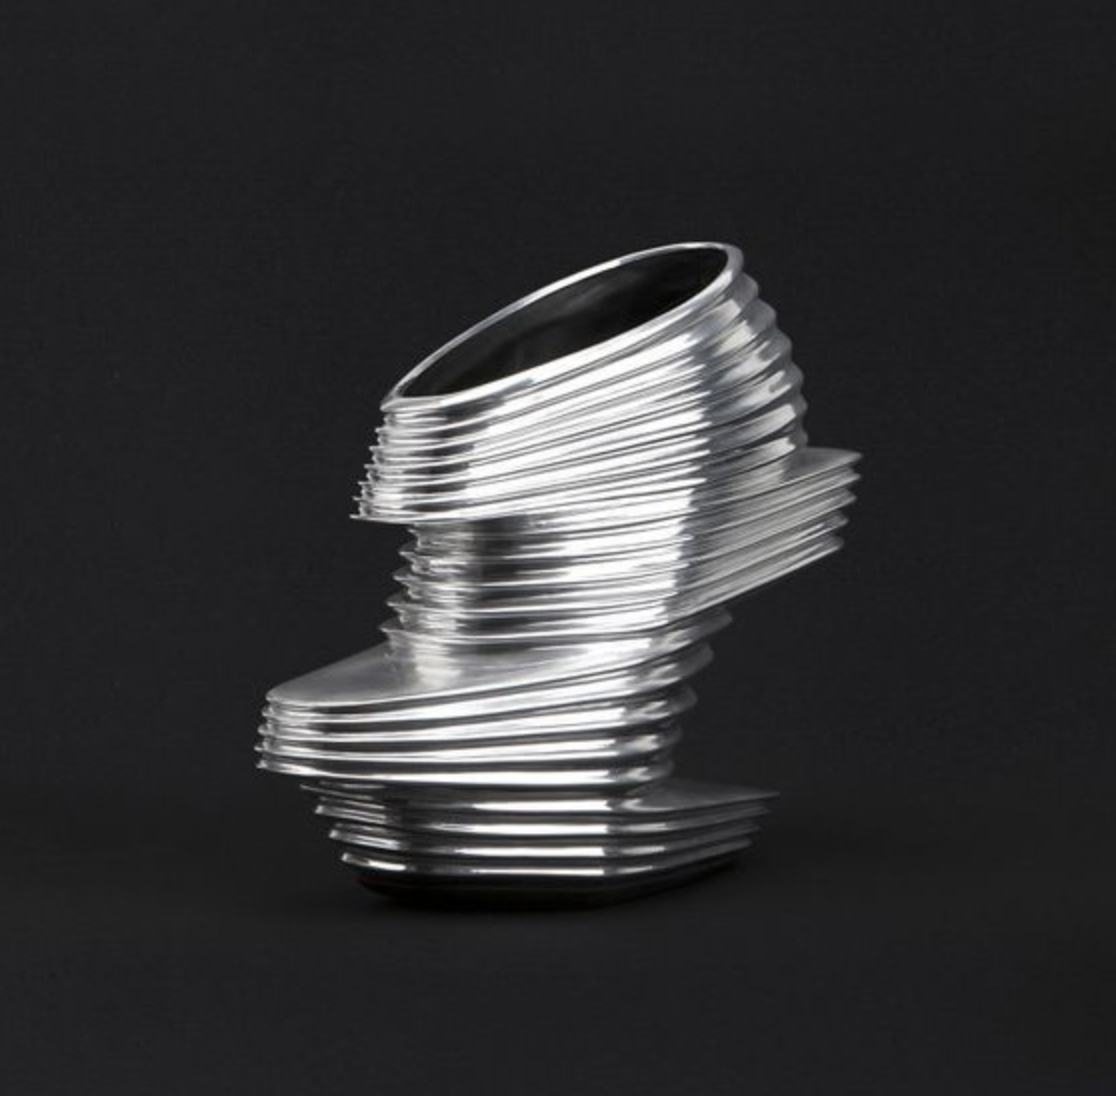 Zaha Hadid x United Nude shoe